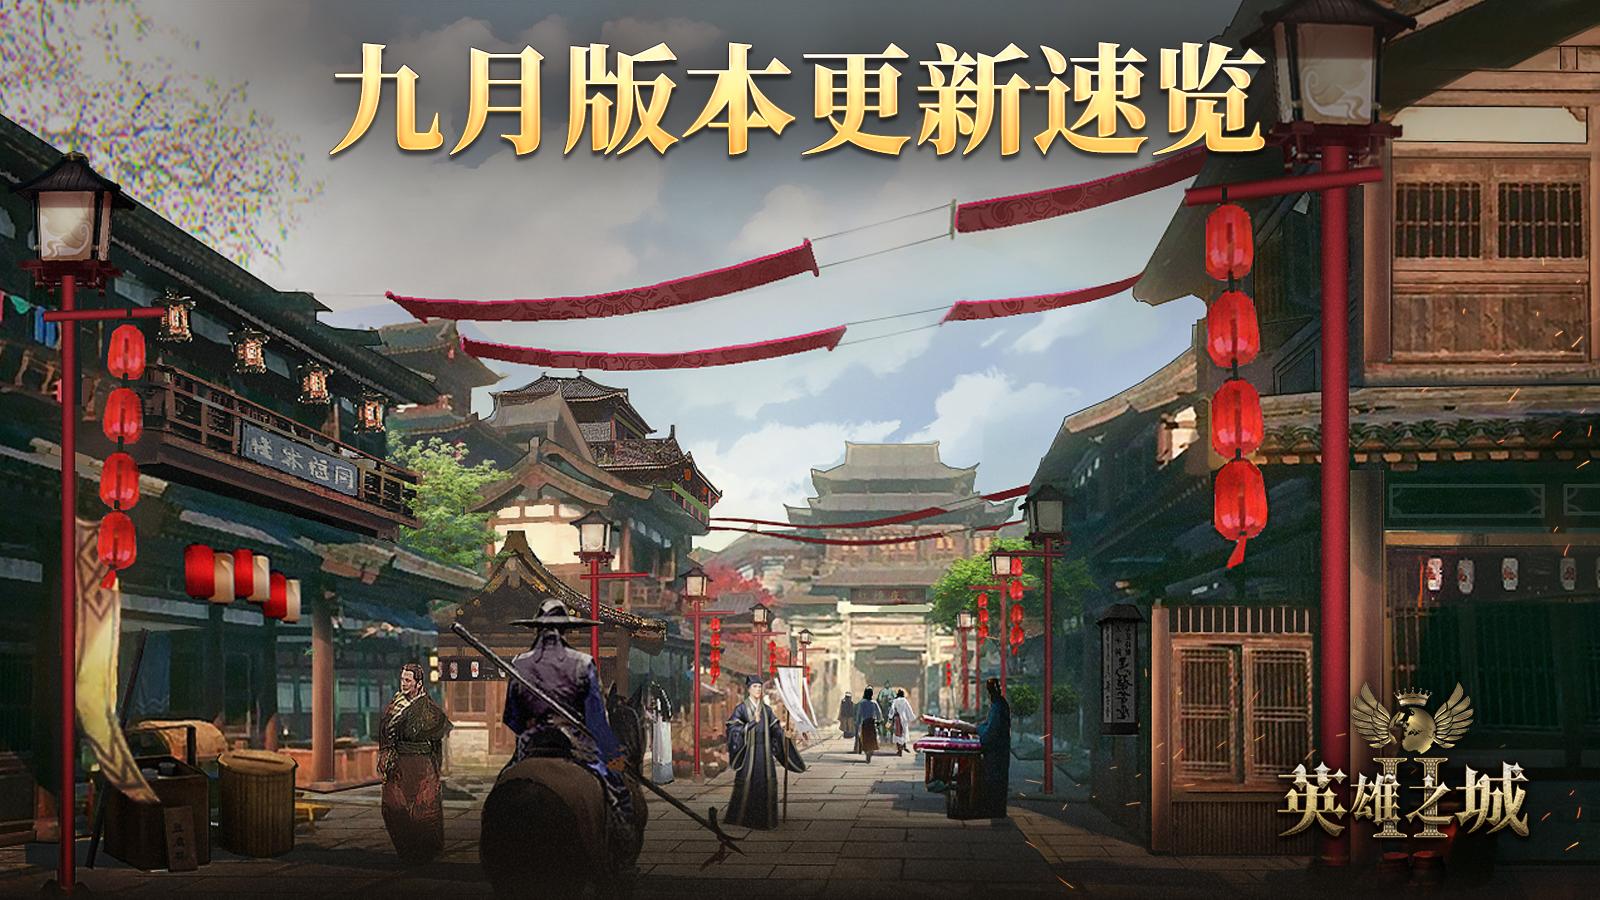 《英雄之城II》:金秋九月福利空前,版本更新内容一分钟速...